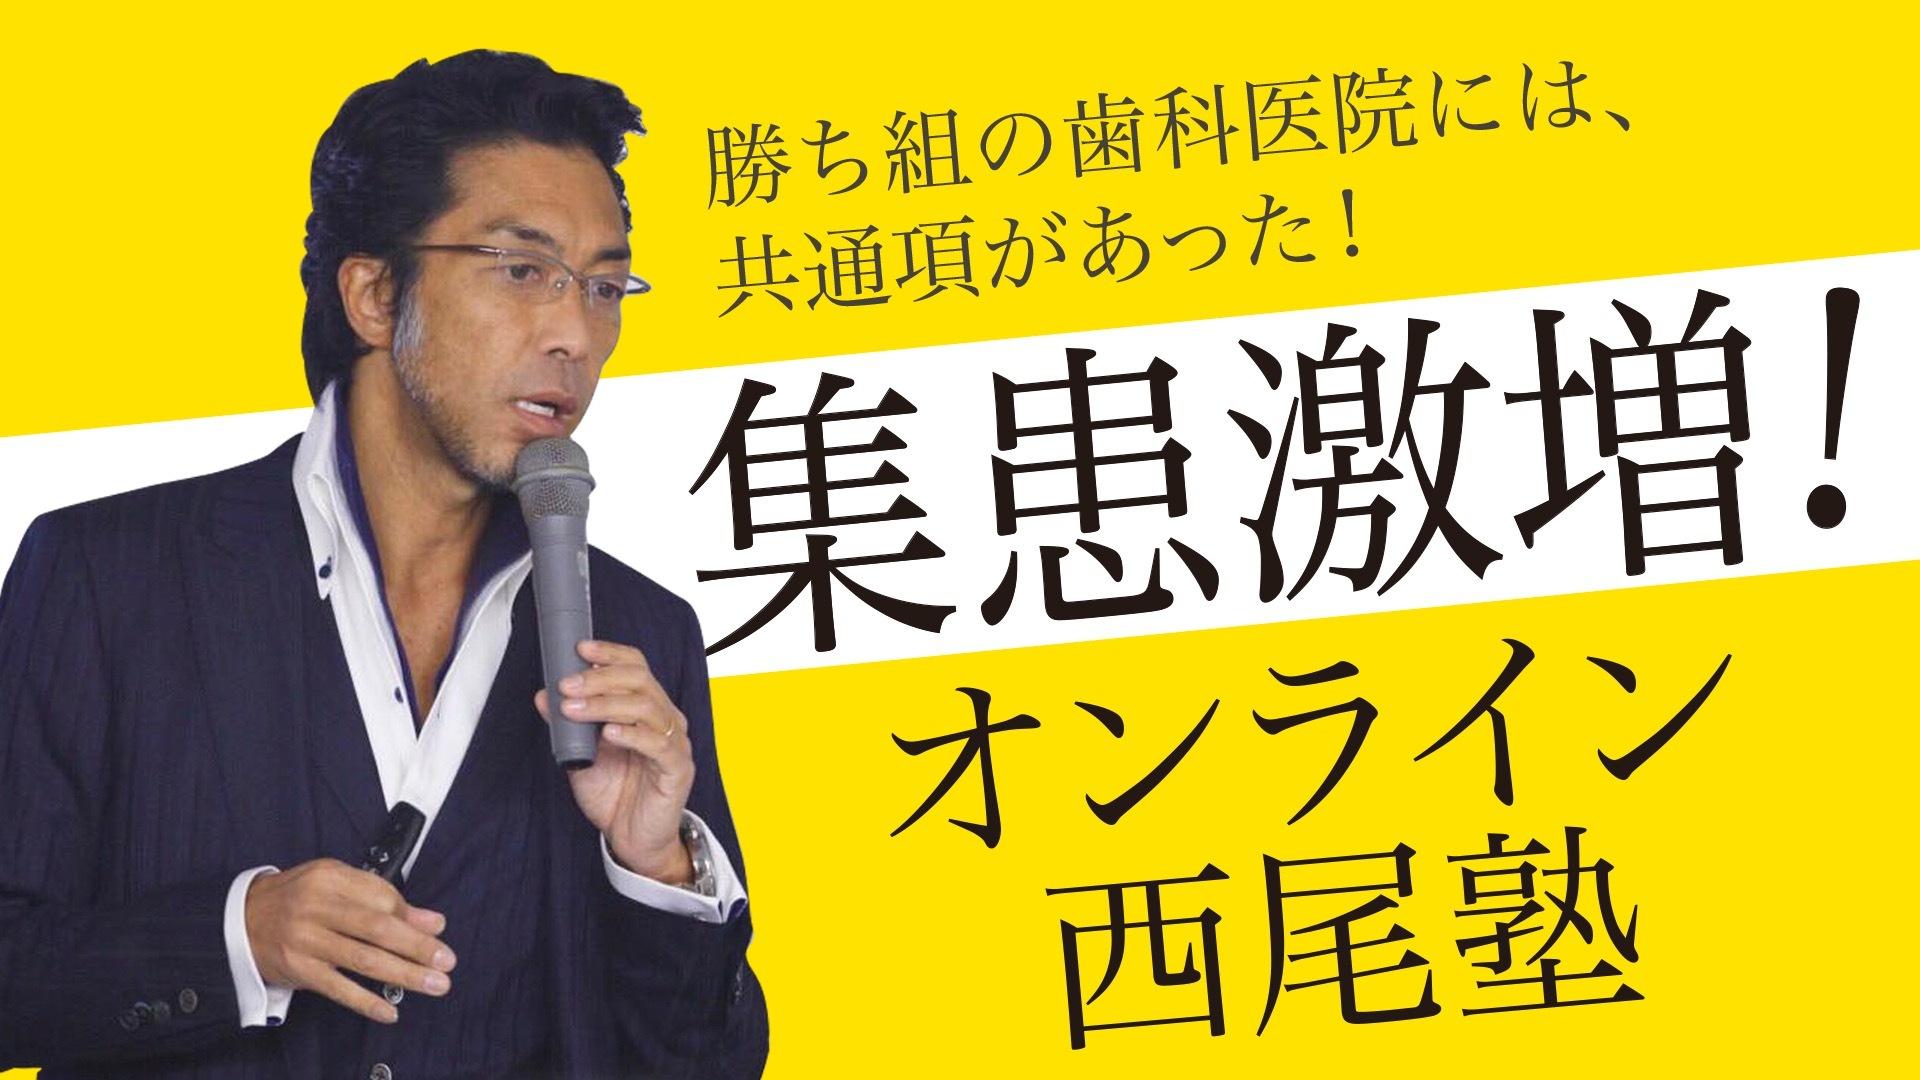 集患激増!オンライン西尾塾